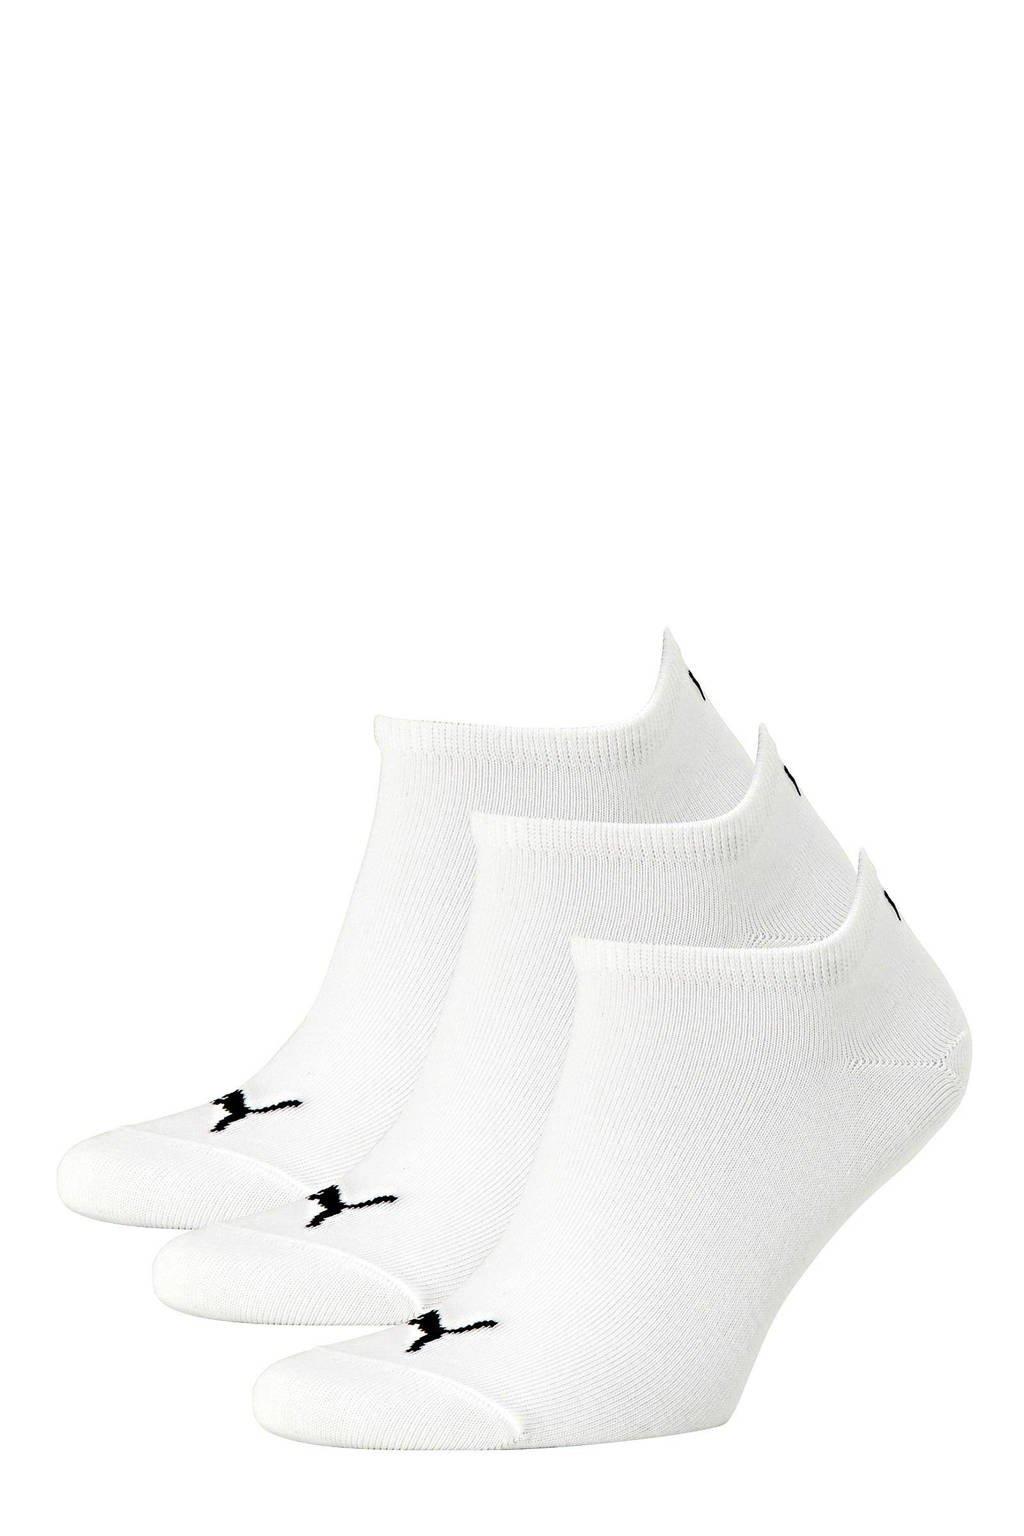 Puma   sneakersokken (set van 3), Wit